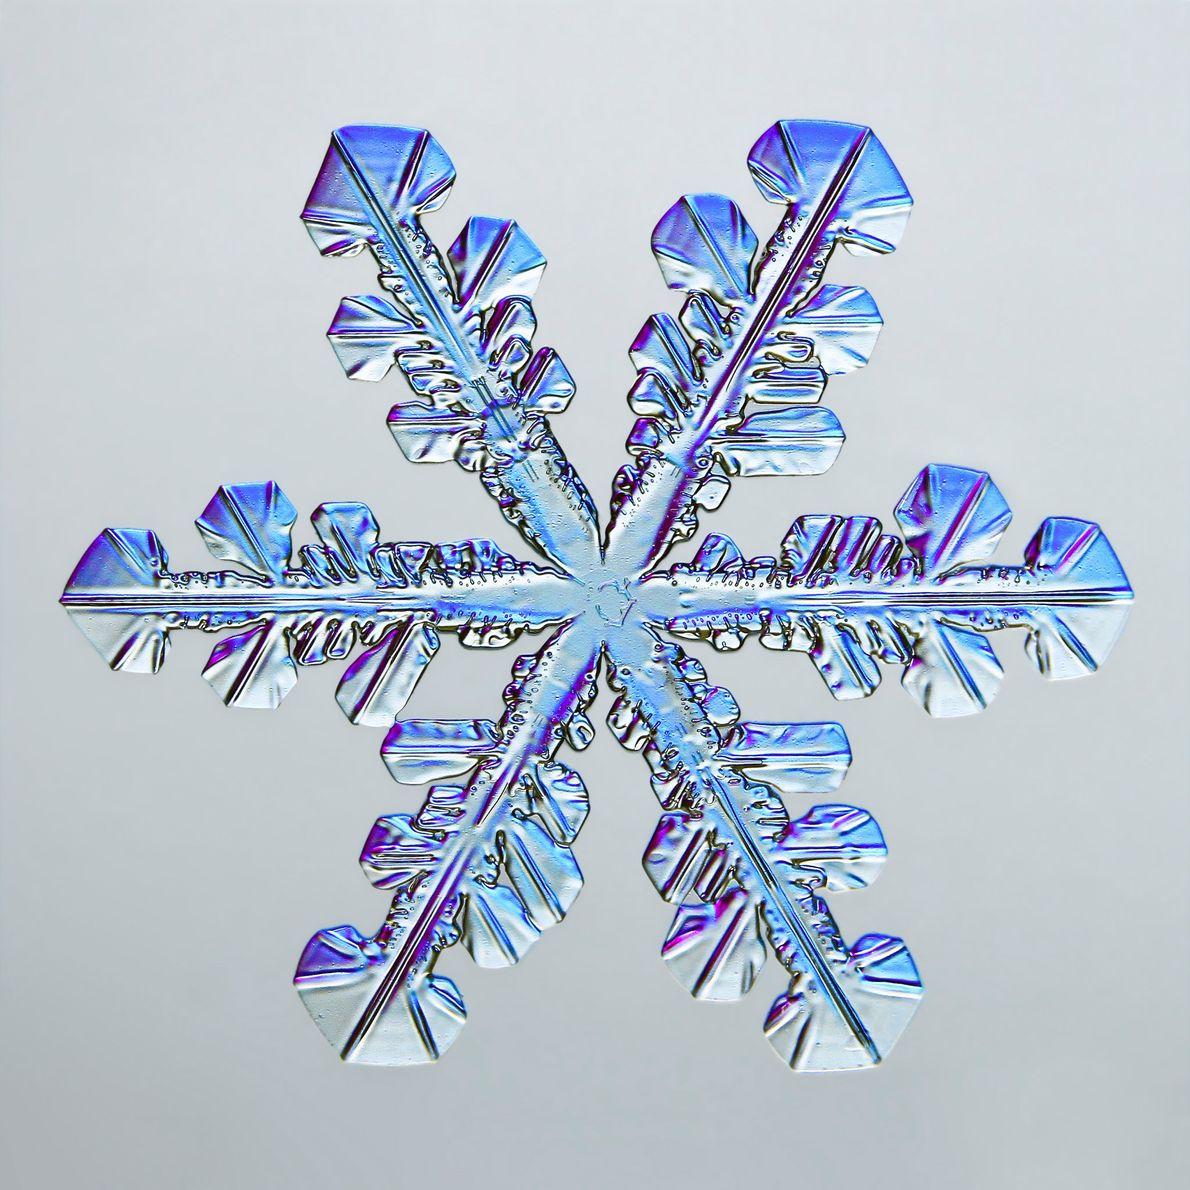 Die zahlreichen Facetten dieser sechsarmigen Schneeflocke leuchten blau und lila – dank der Arbeit des Fotografen ...